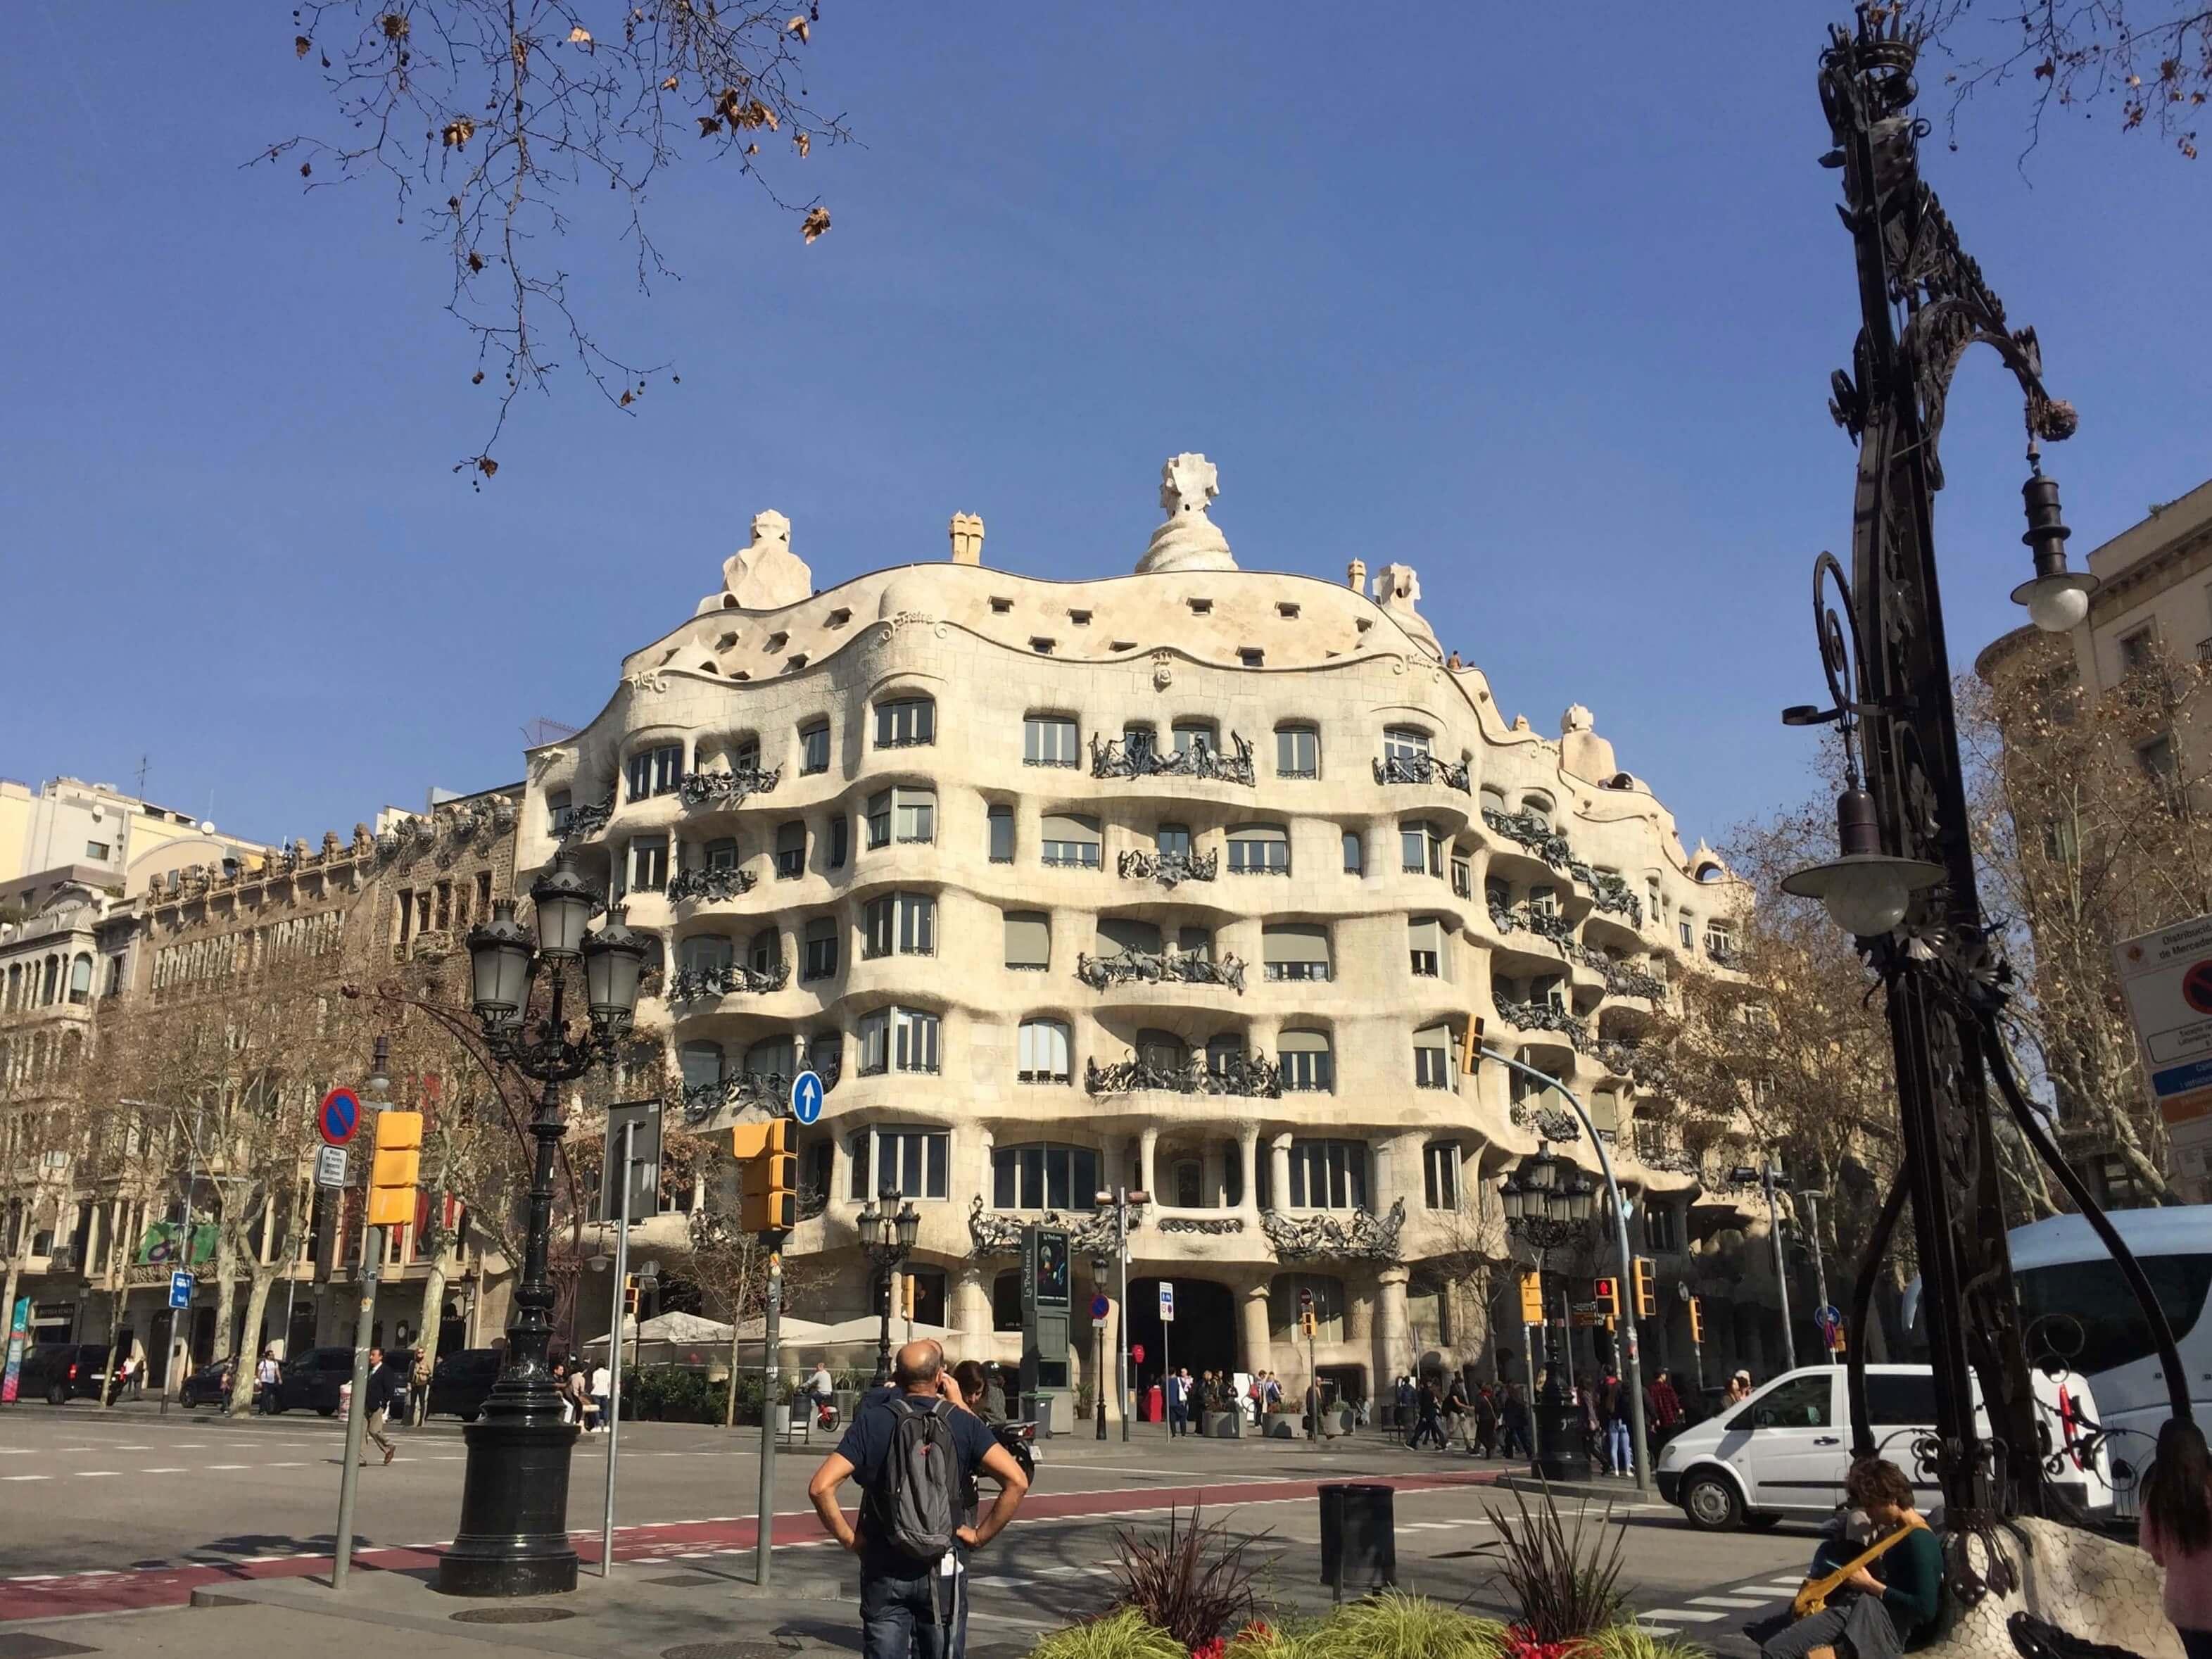 Frontal view of Gaudi's Casa Mila in Barcelona.